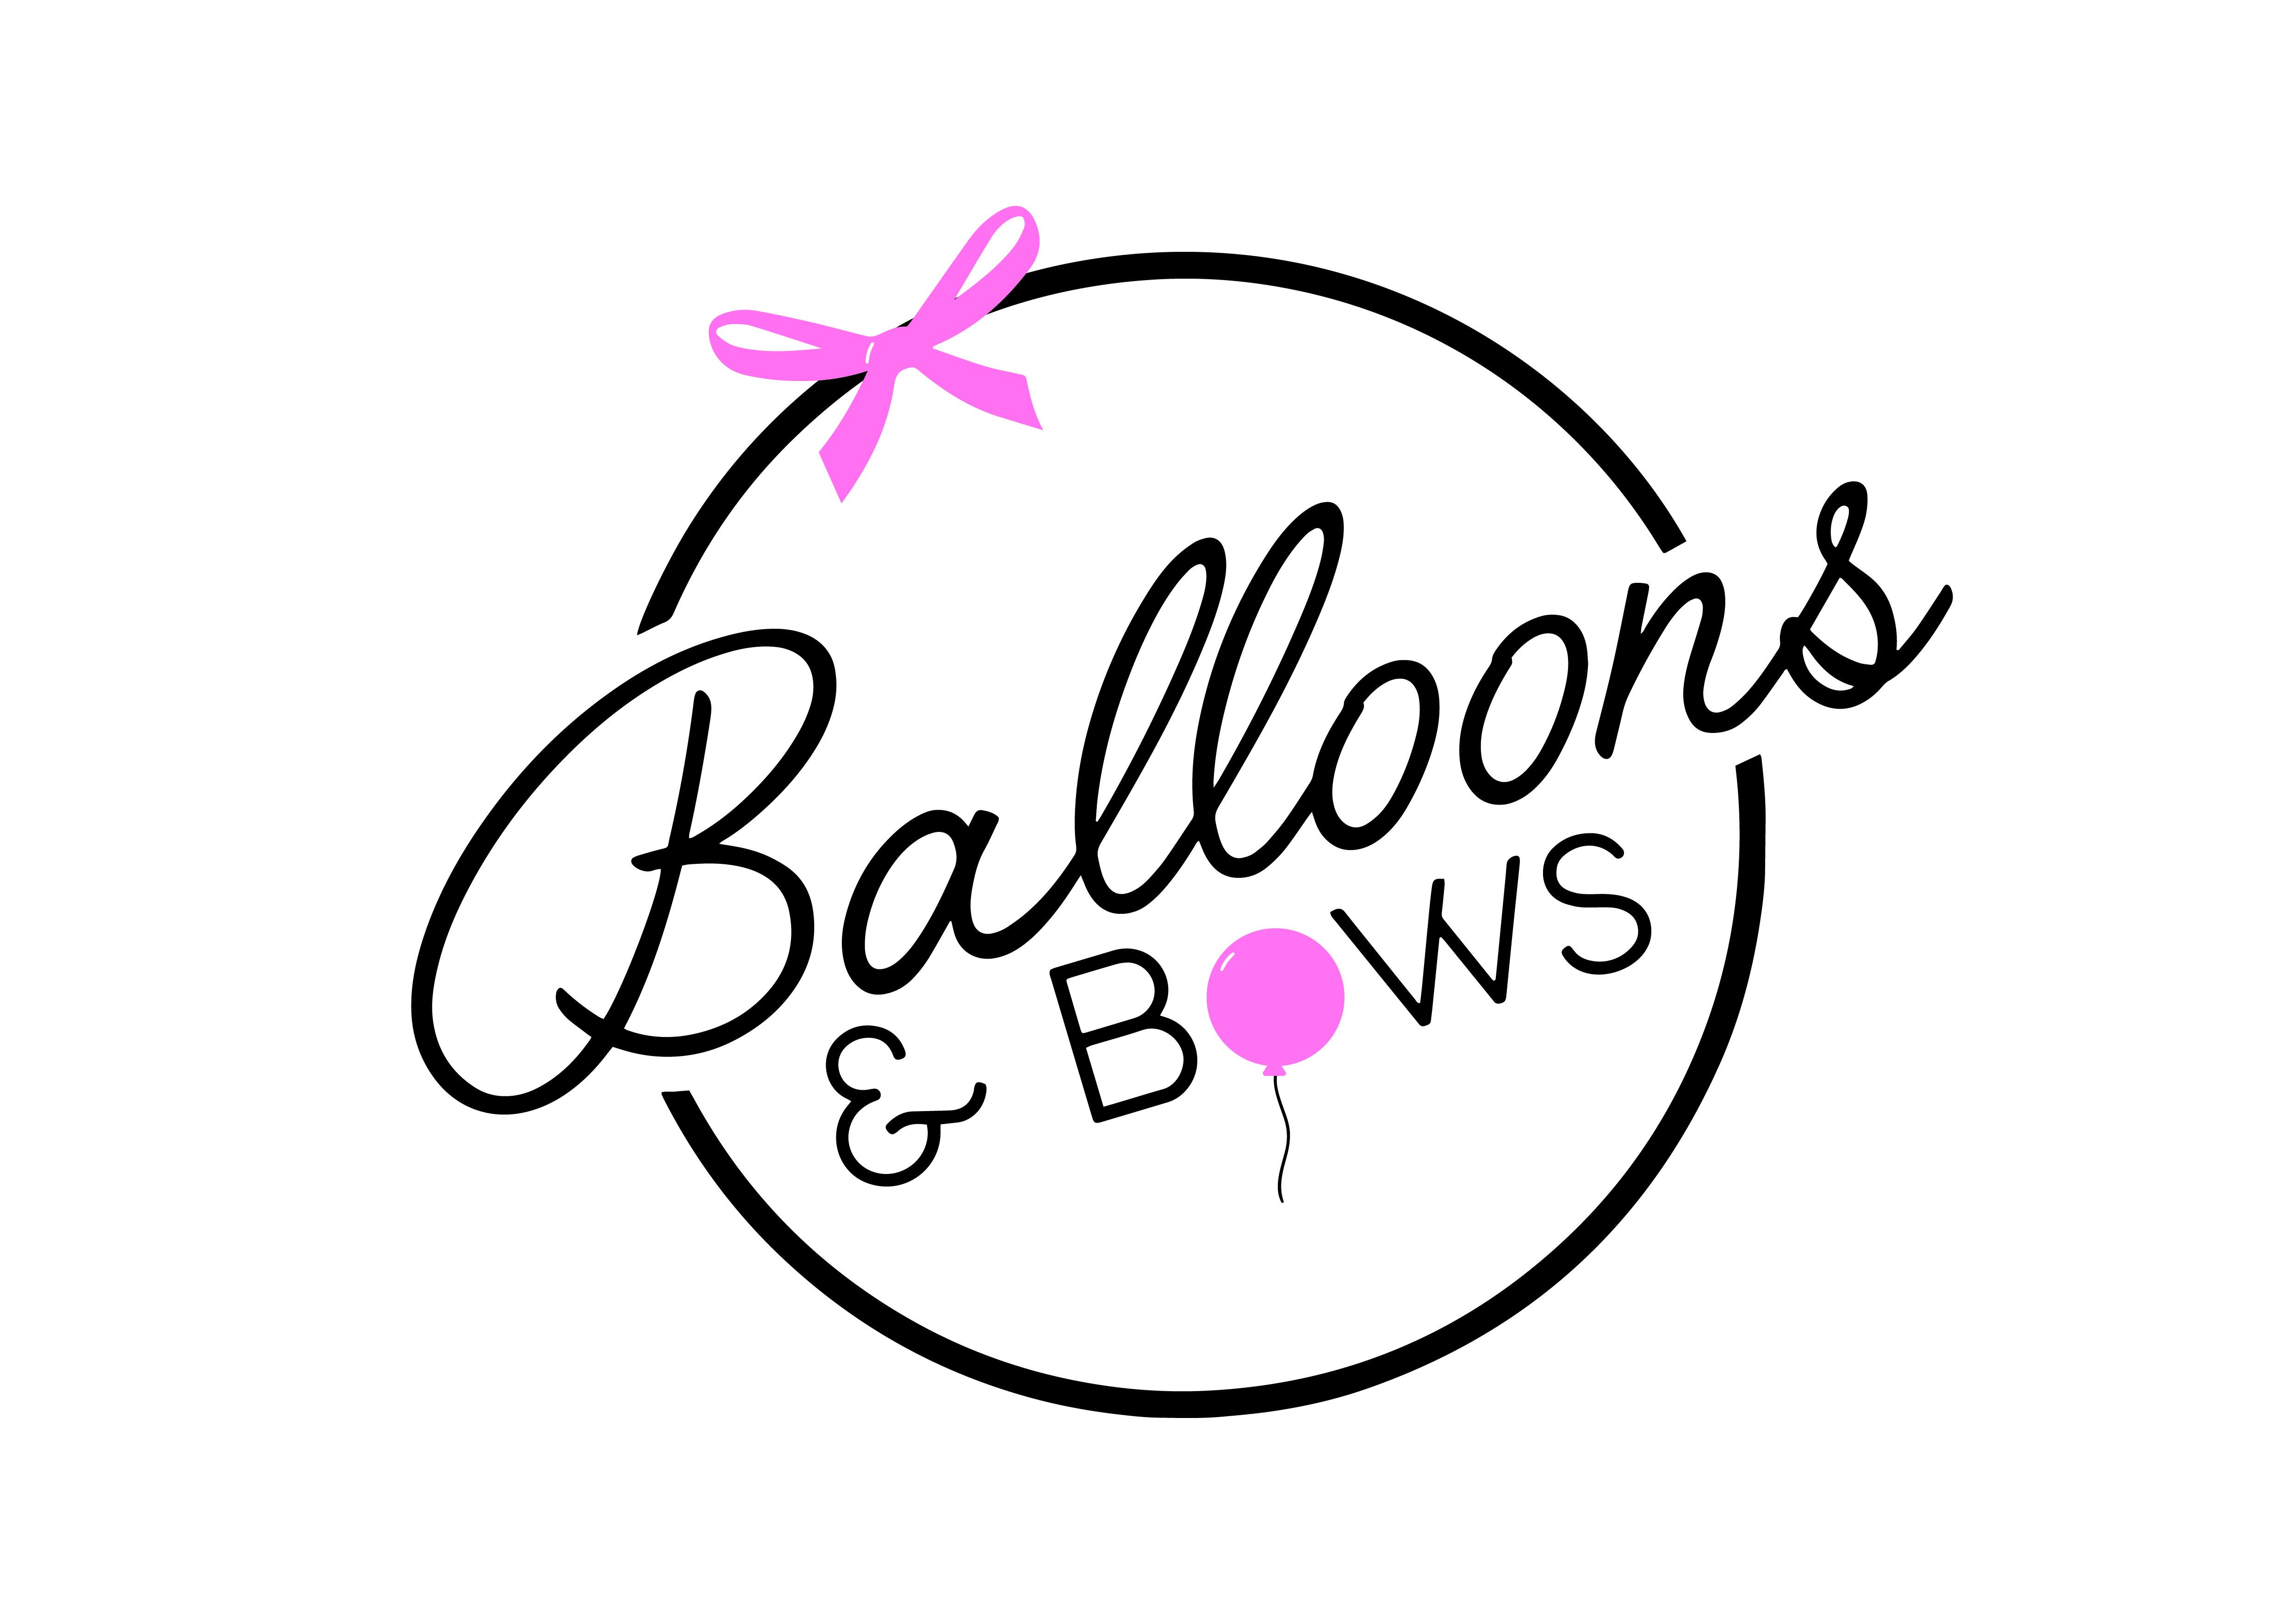 Balloons & Bows Aberdeen Ltd